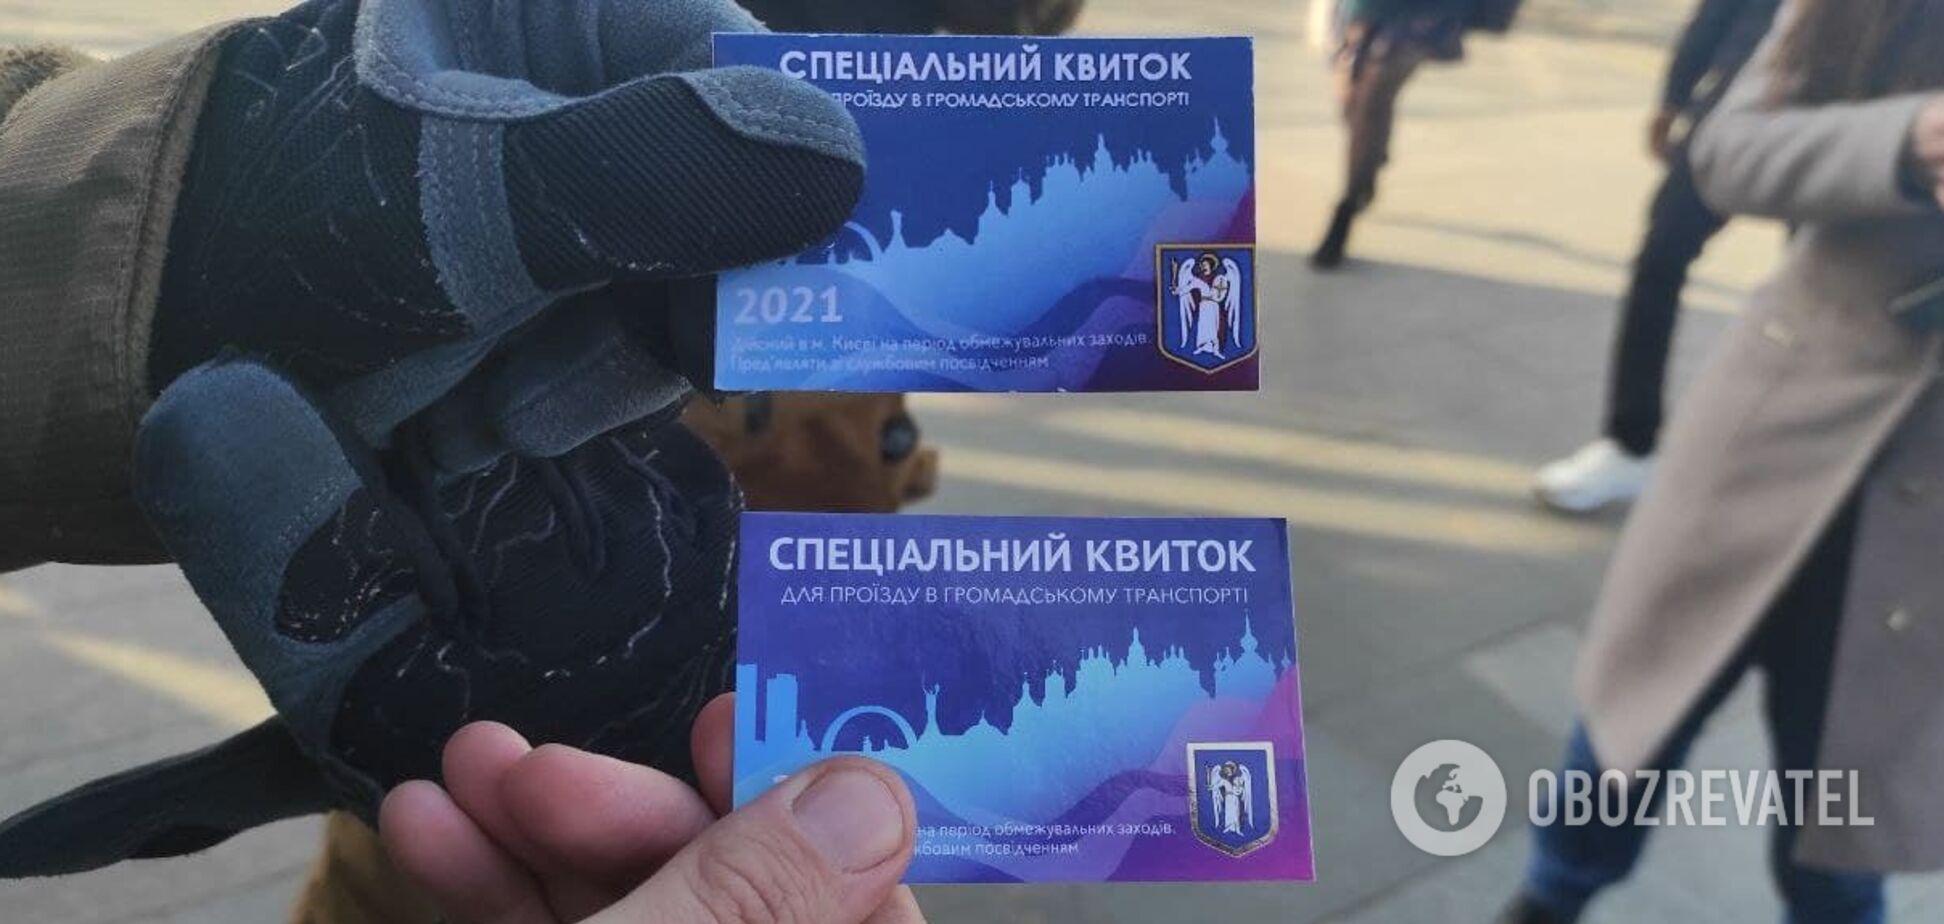 Спецпропуска в Киеве: как различить оригинальный проездной и подделку